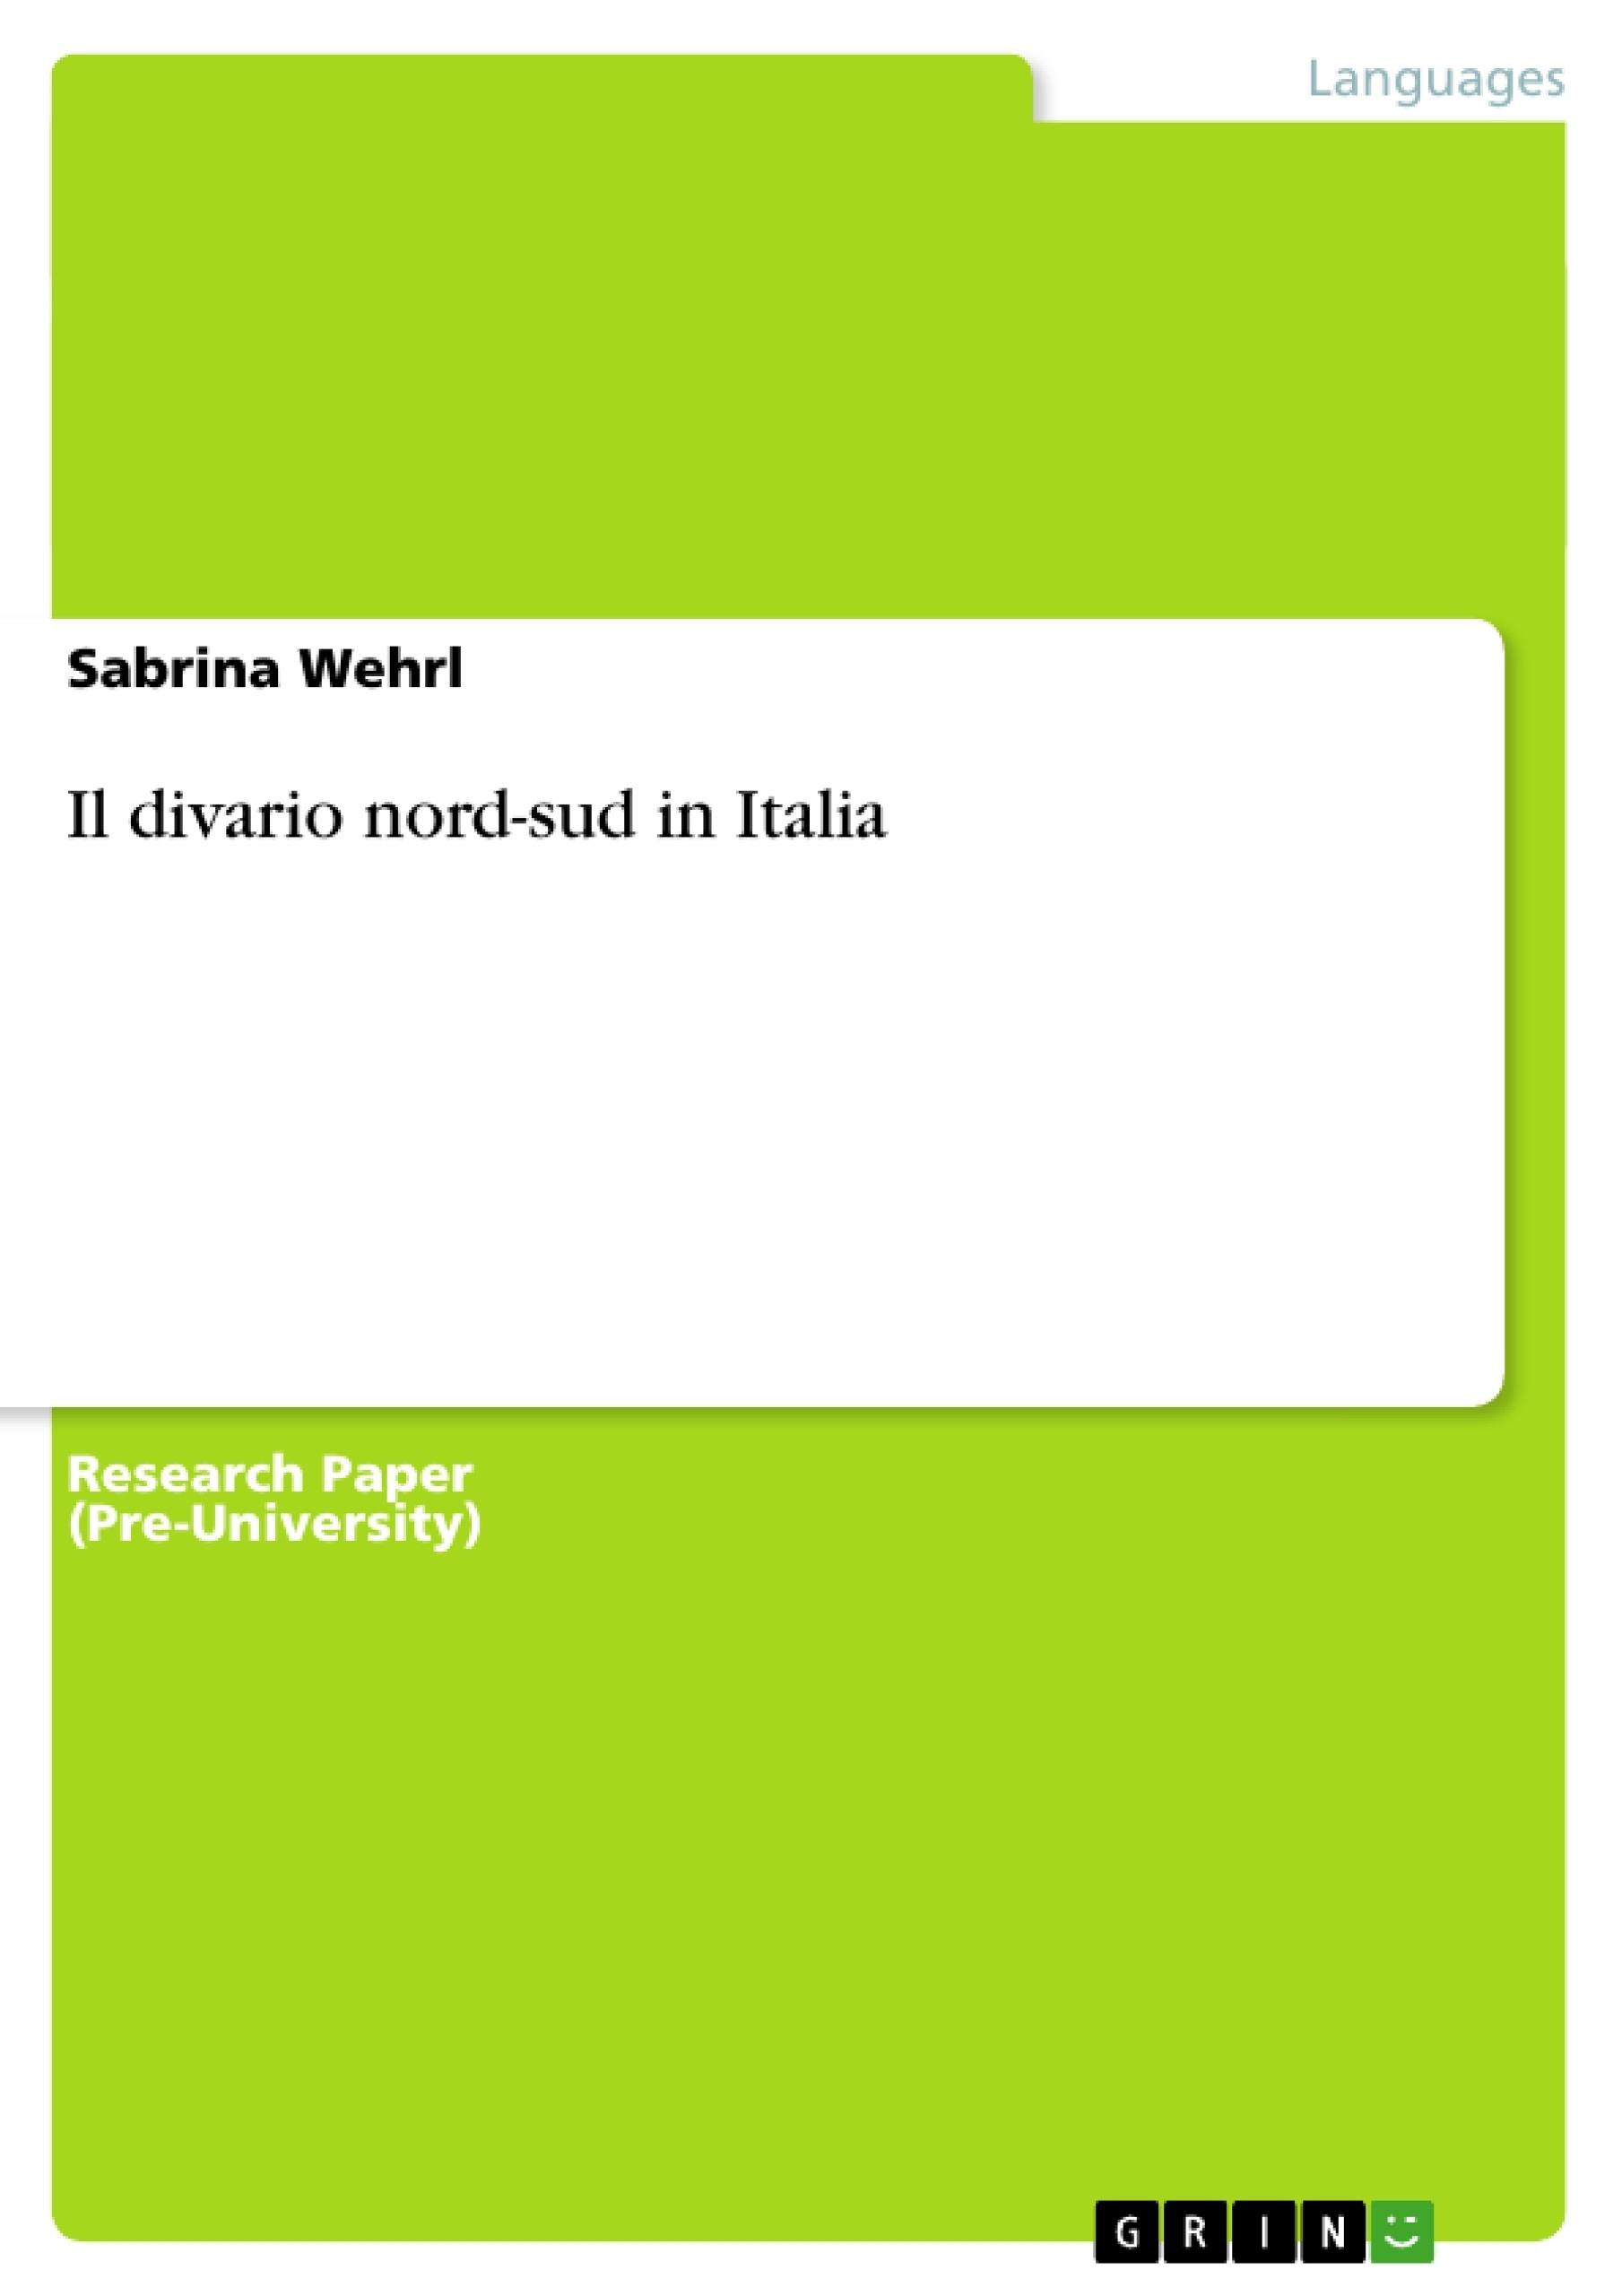 Title: Il divario nord-sud in Italia